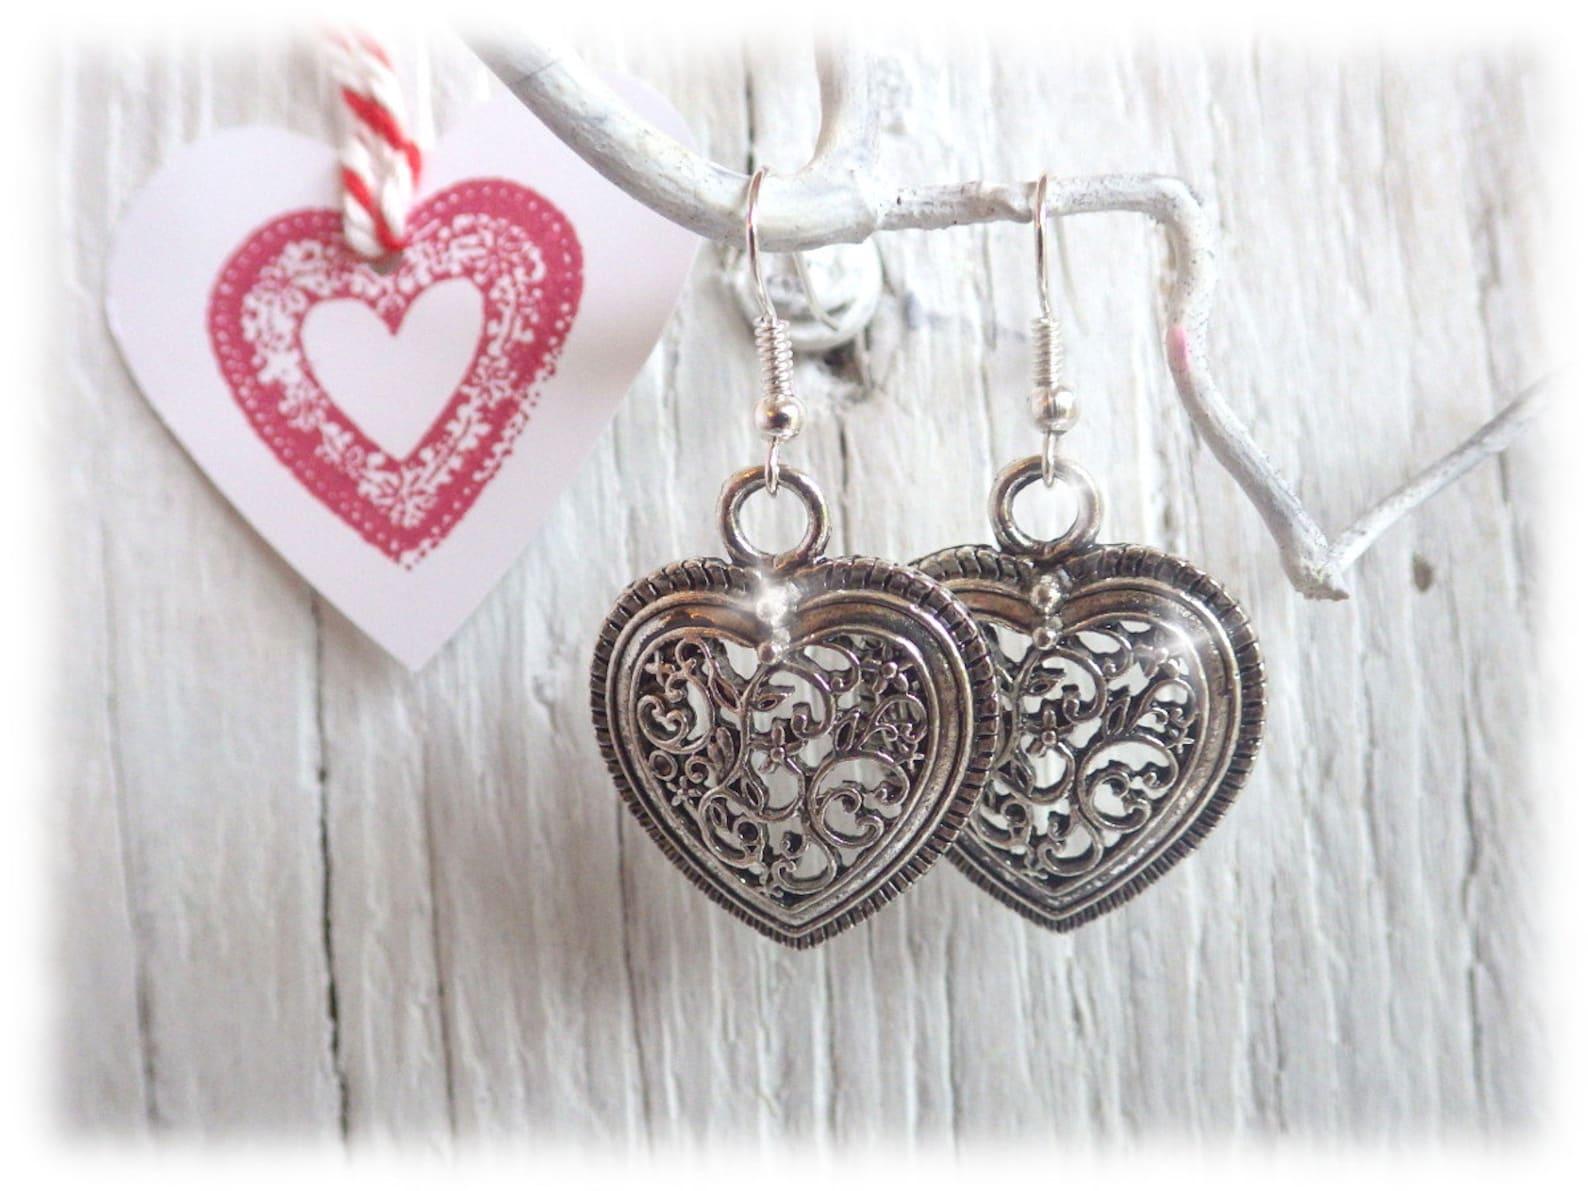 Folk heart - earrings with filigree silver heart pendant german dirndl